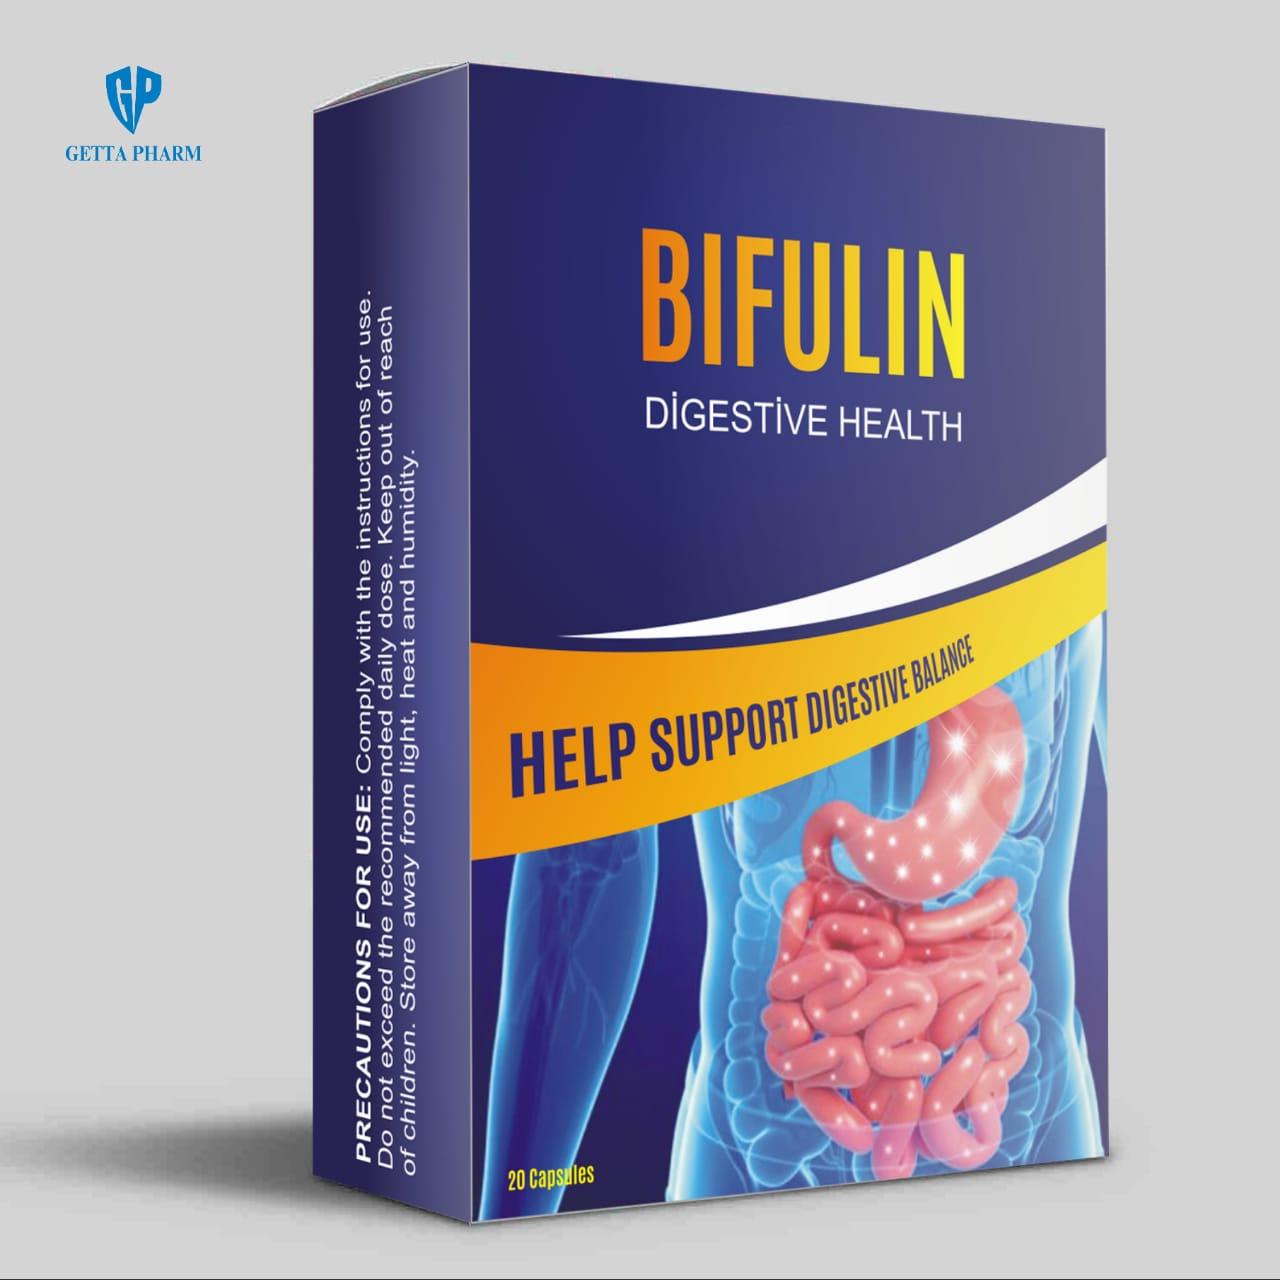 Bifulin